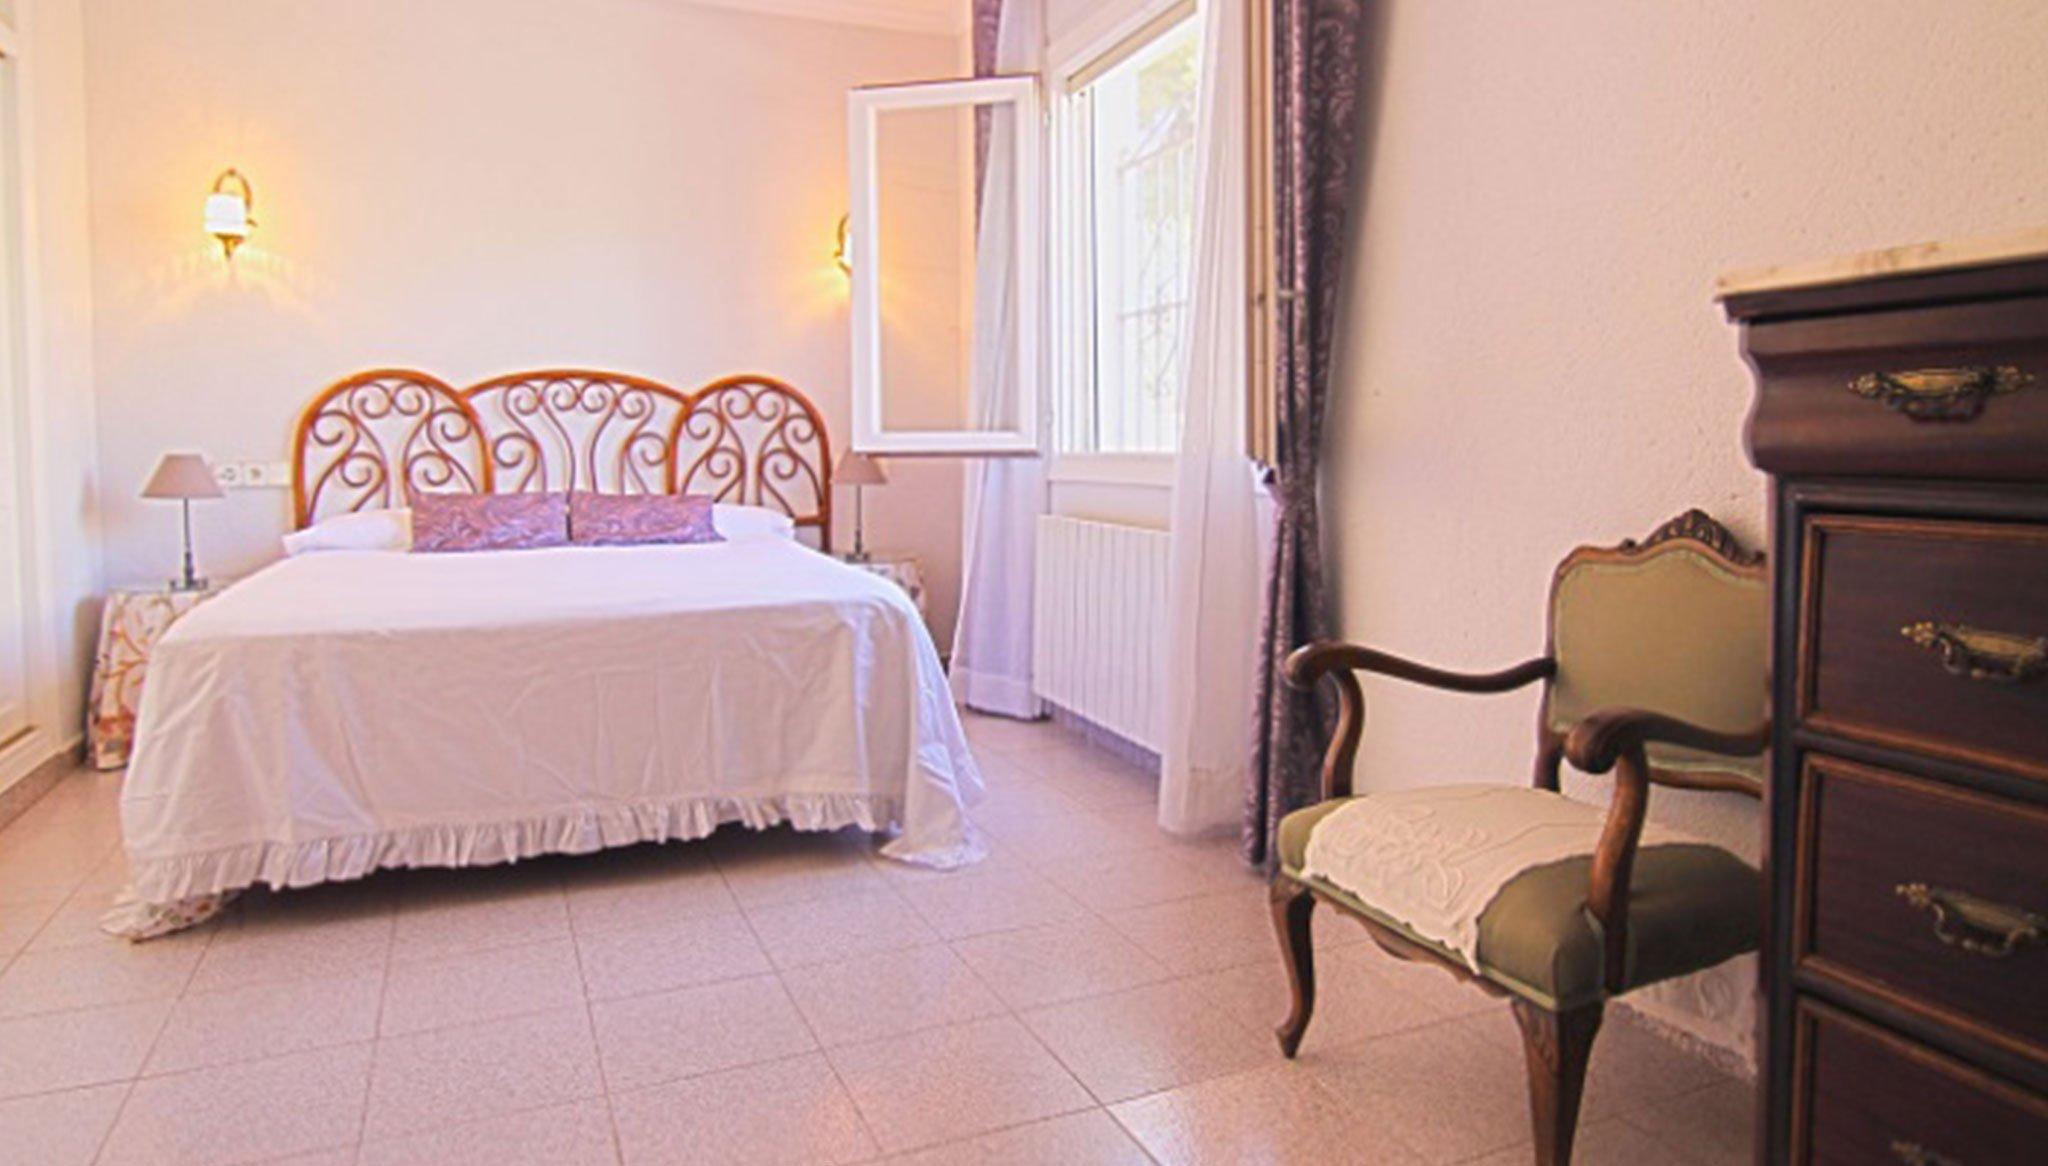 Hauptschlafzimmer in einer Villa zum Verkauf in Jávea - MORAGUESPONS Mediterranean Houses